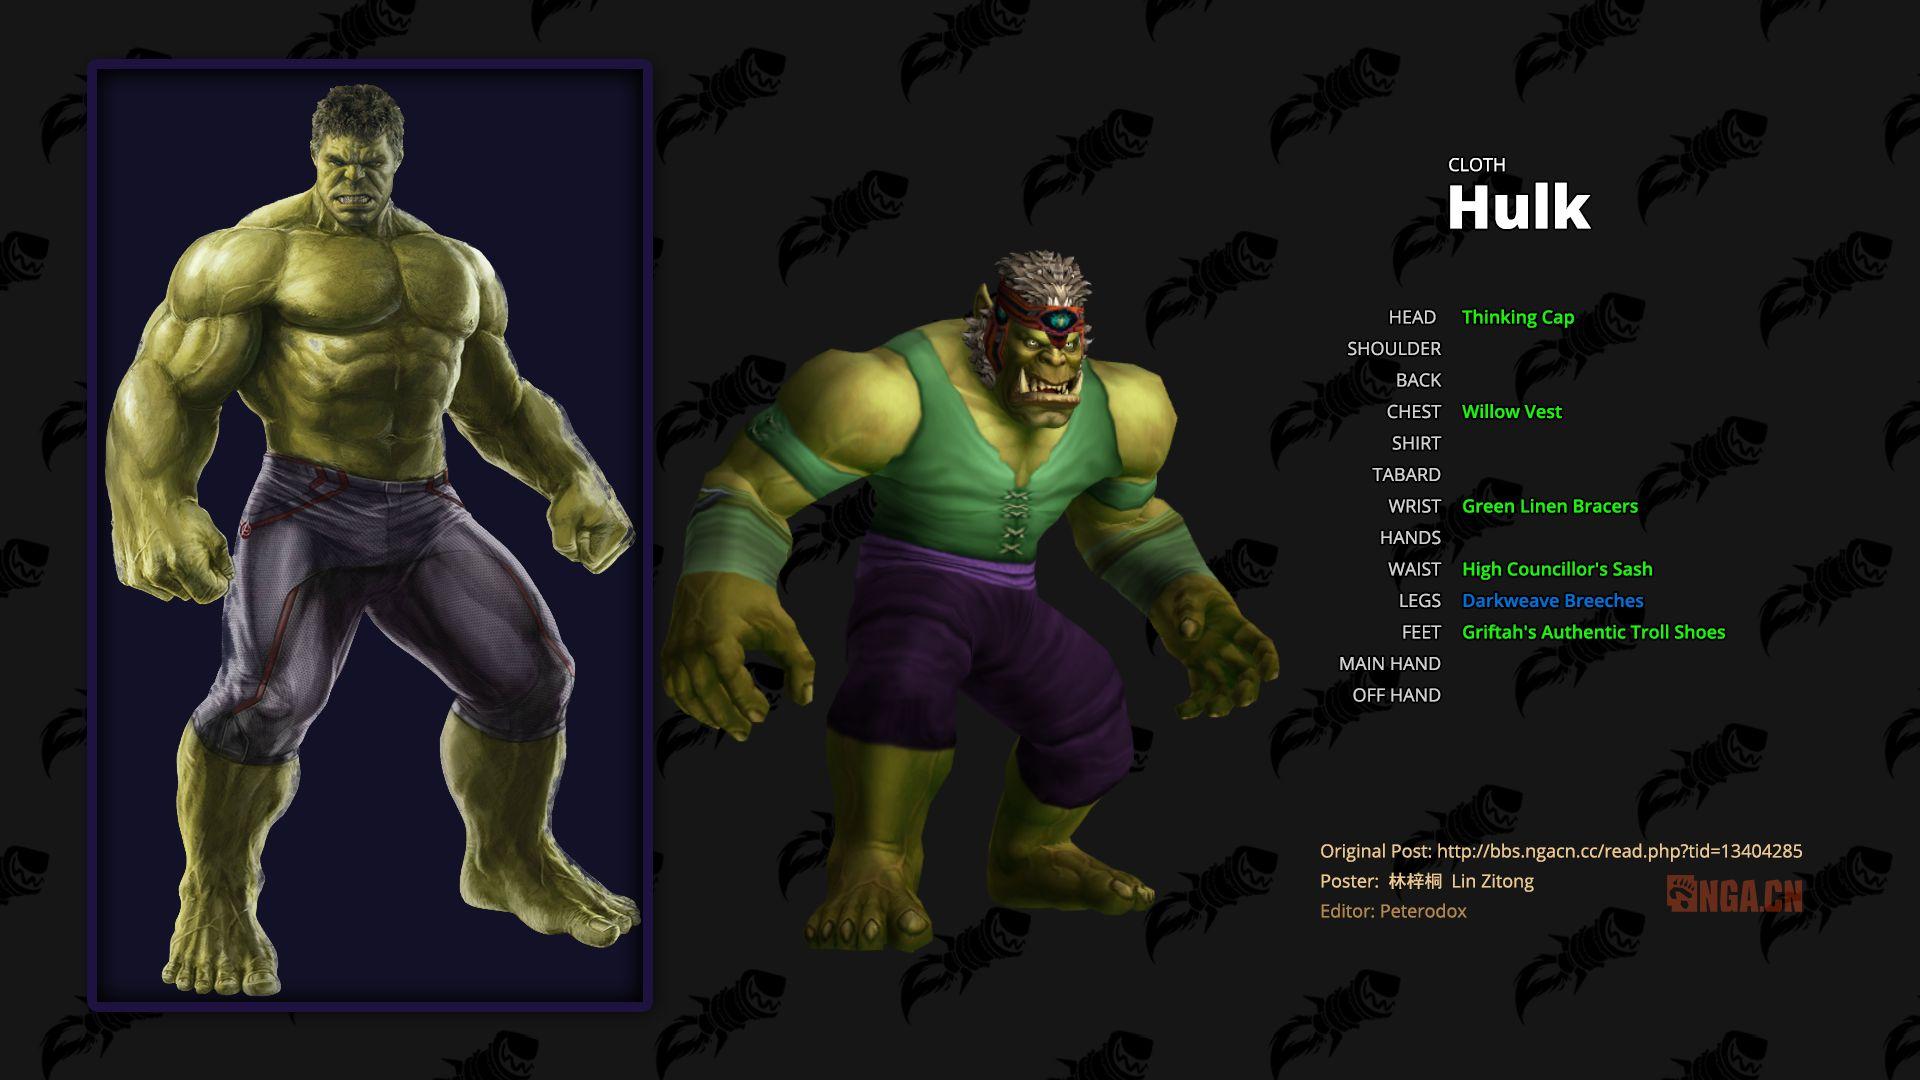 WoW Transmog Avengers Hulk